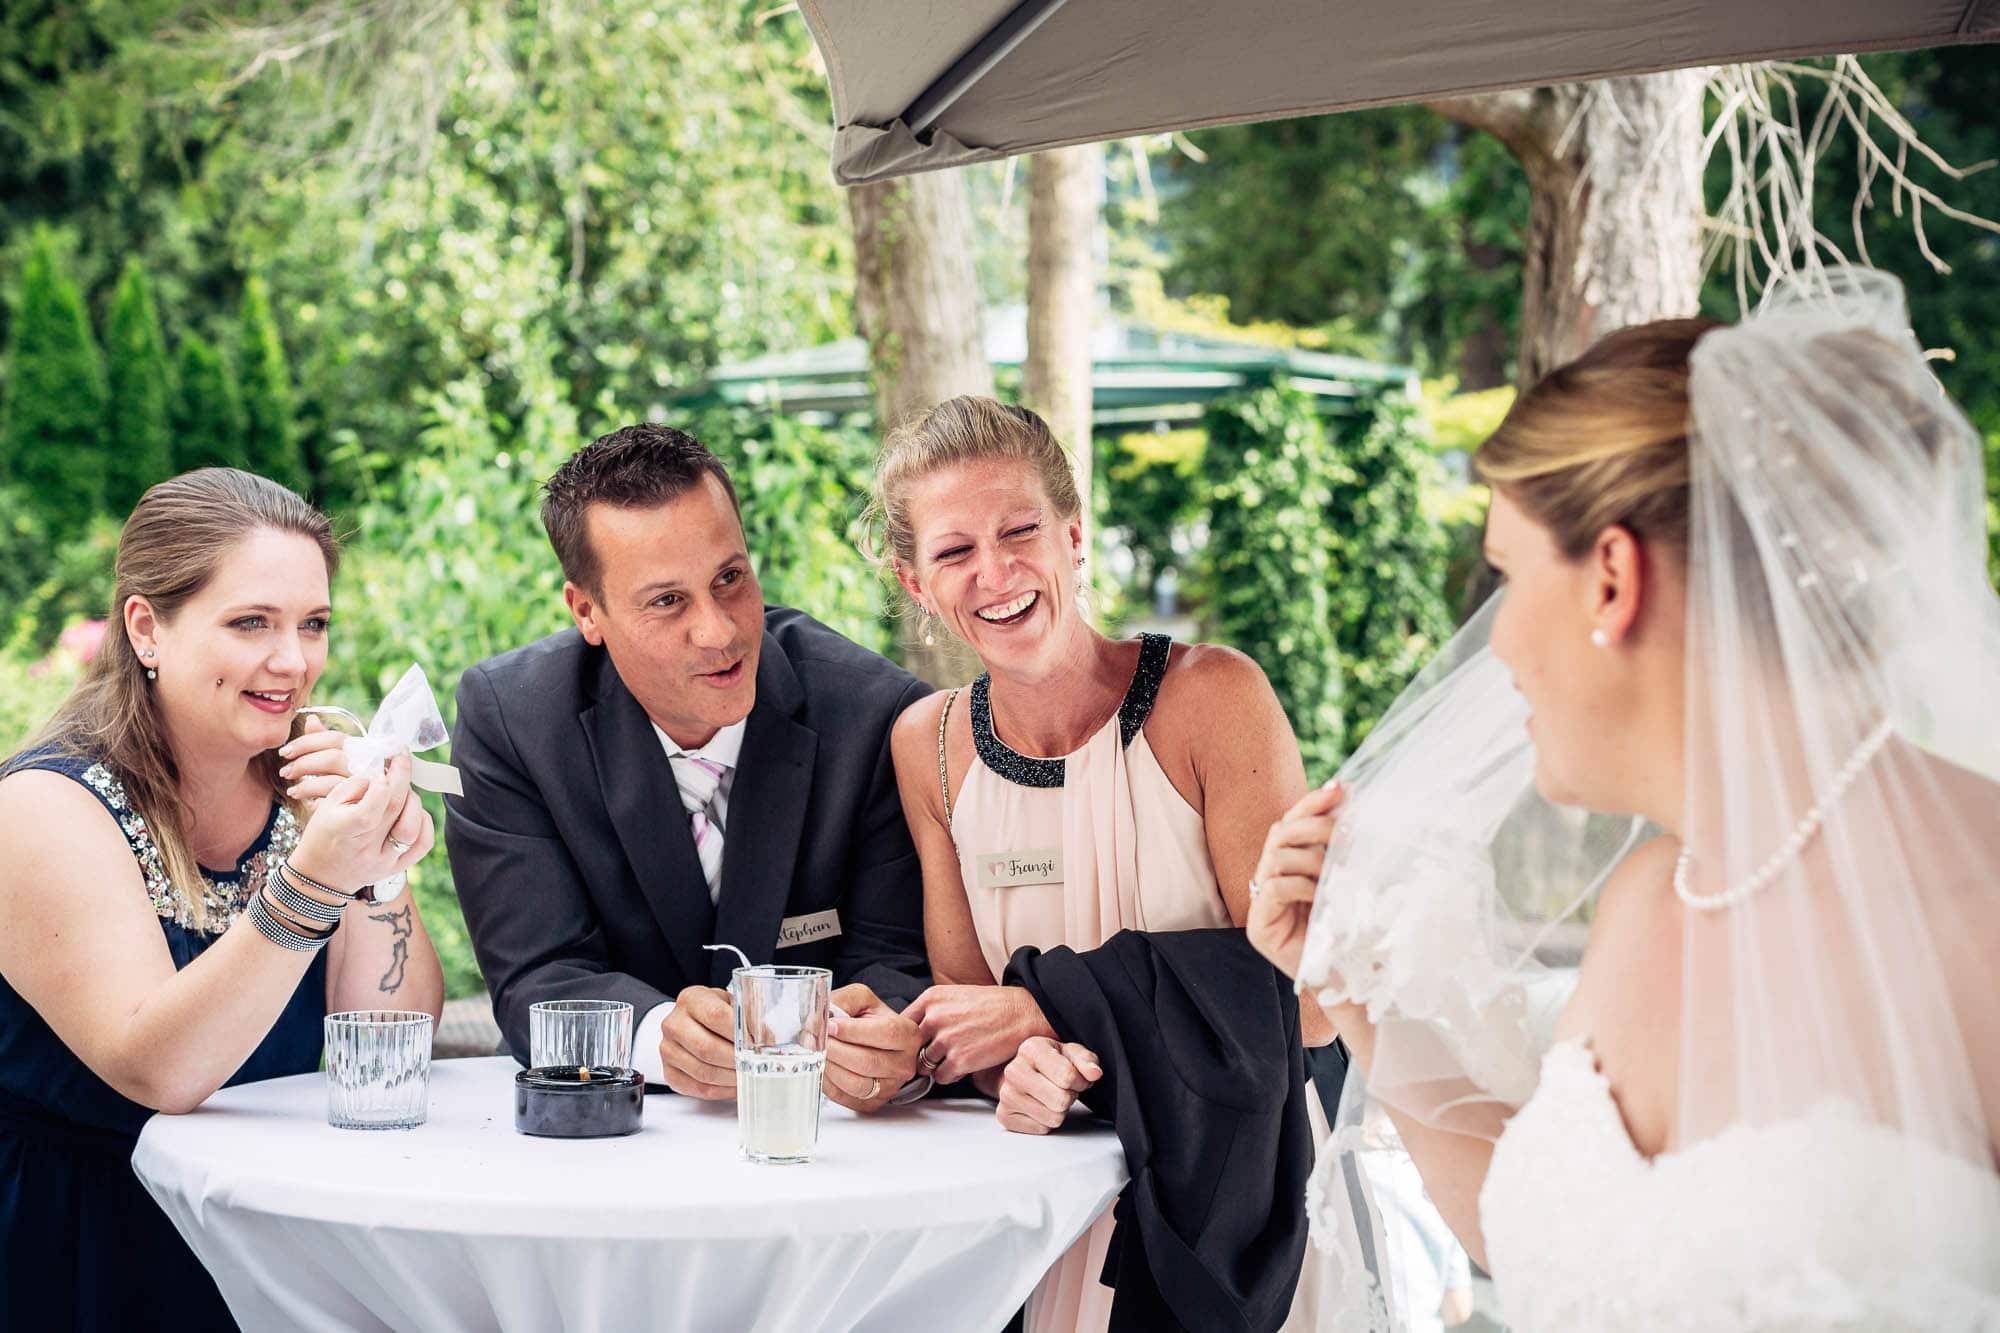 Gäste erzählen ein Wortspiel und lachen über einen Witz